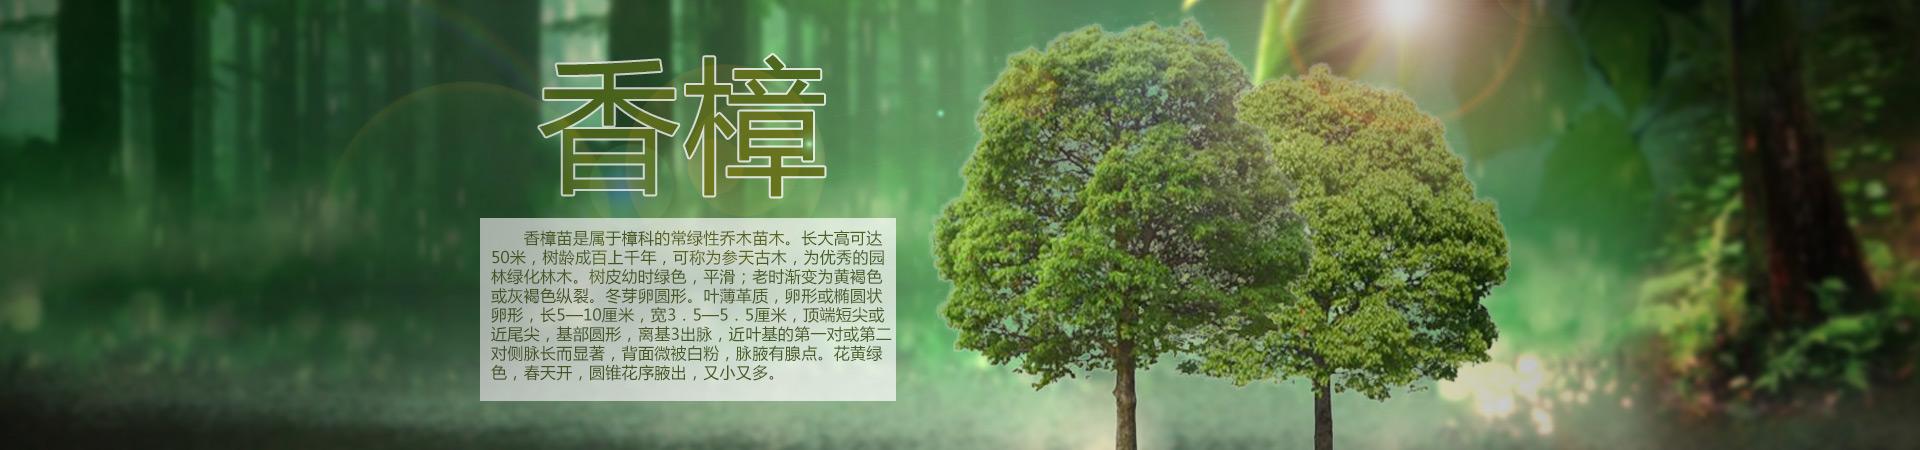 湖北荆州八林山苗木基地